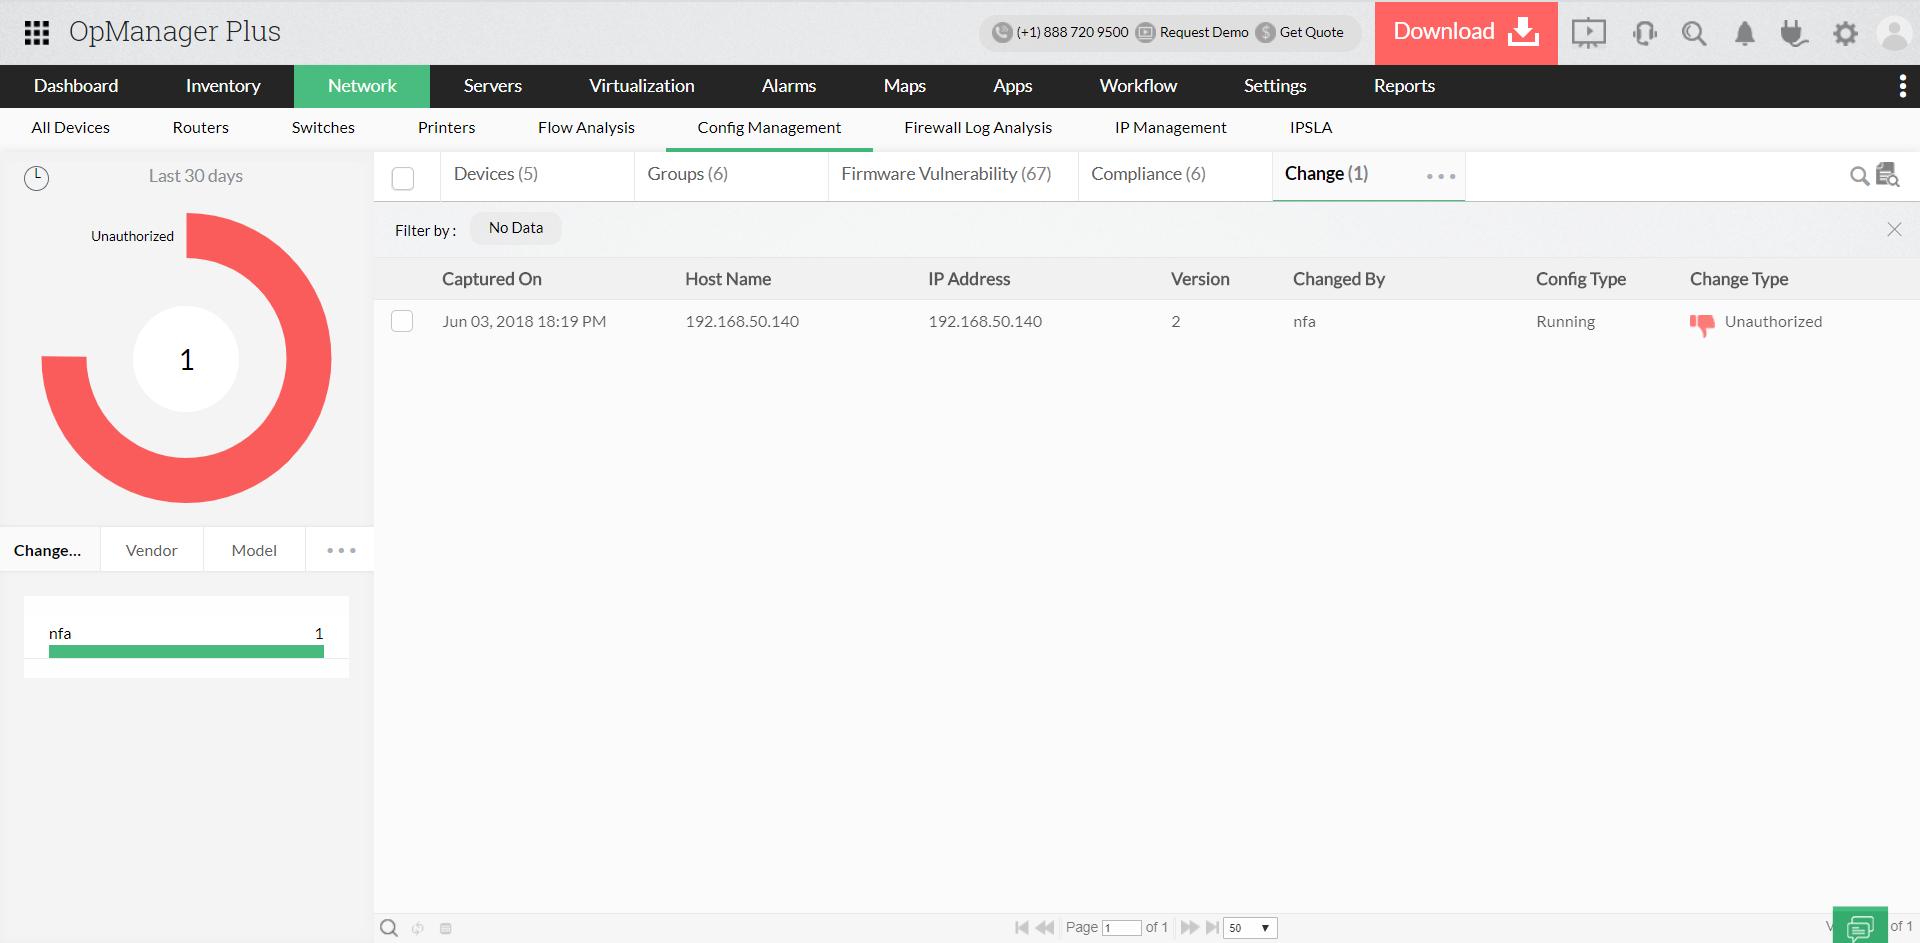 Tracciamento delle modifiche - ManageEngine OpManager Plus